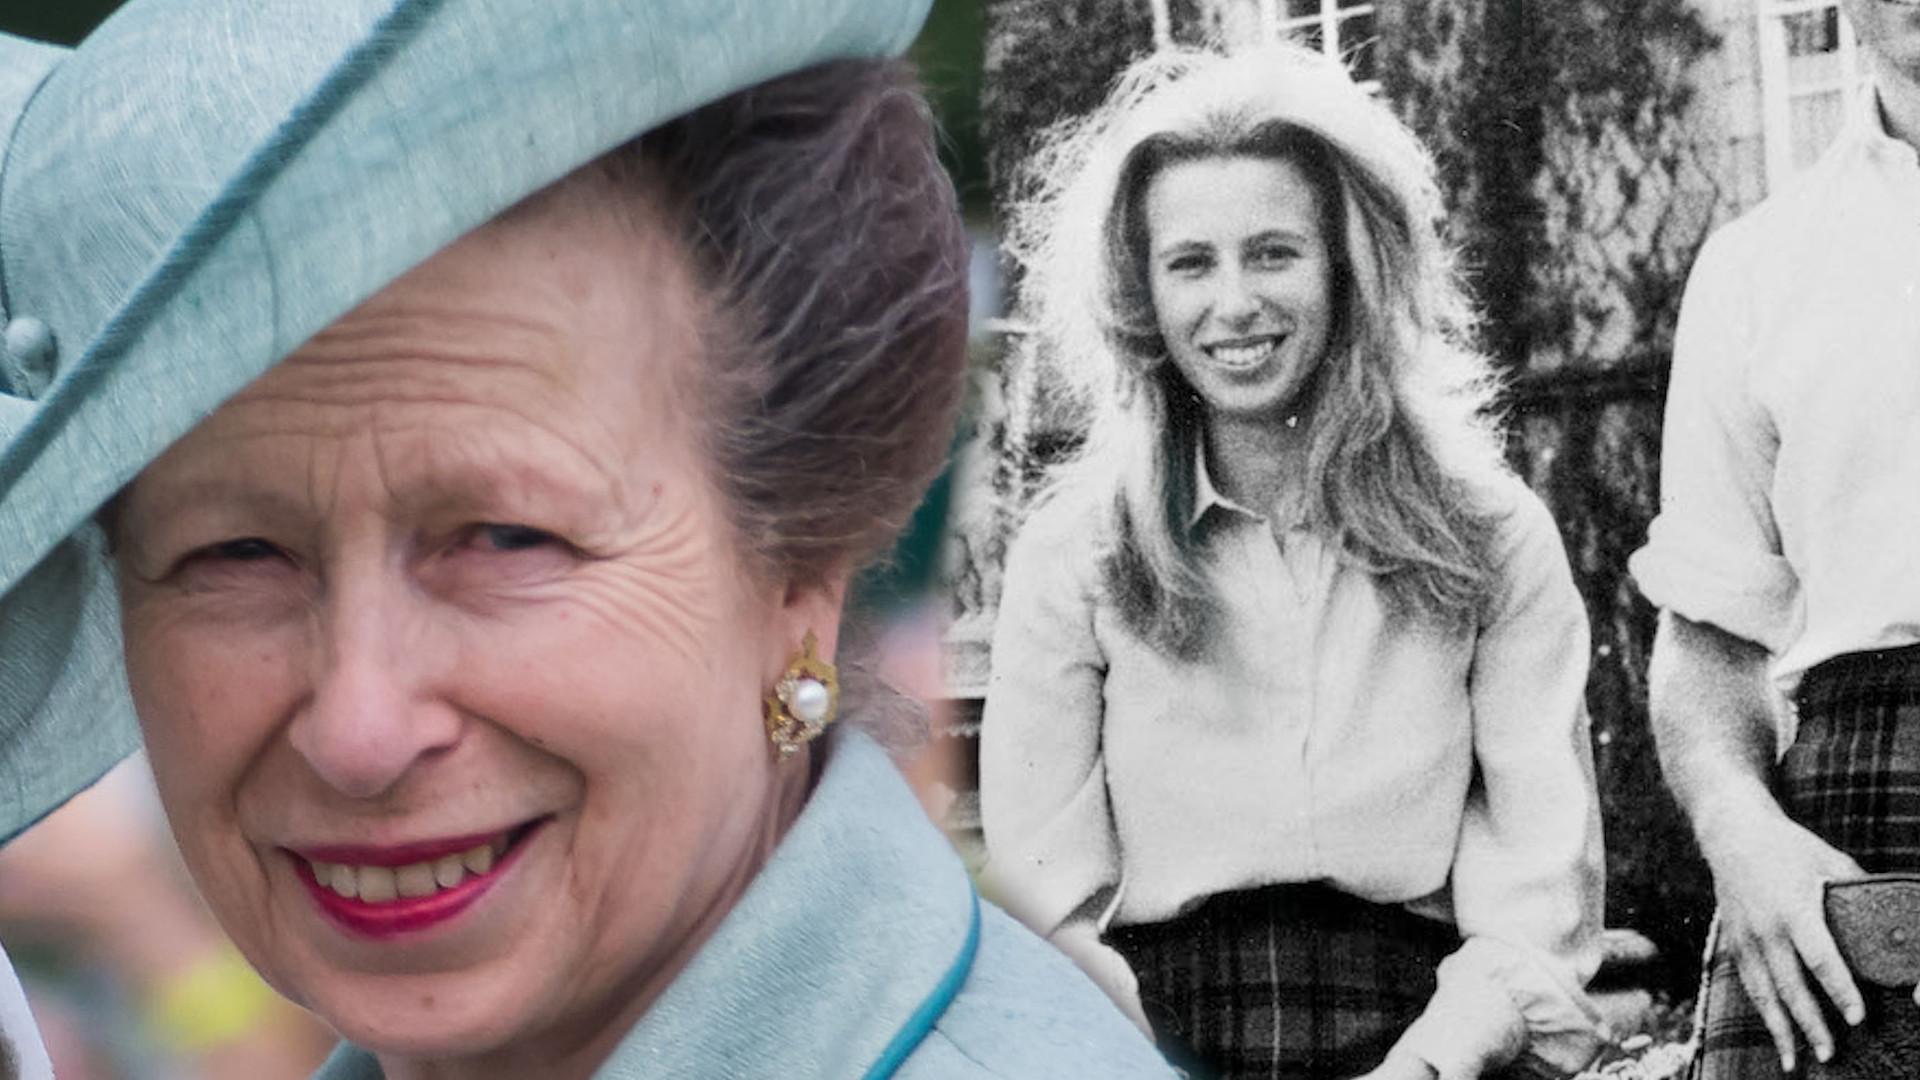 Księżniczka Anna – najbardziej bezbarwne dziecko Elżbiety II (ZDJĘCIA)